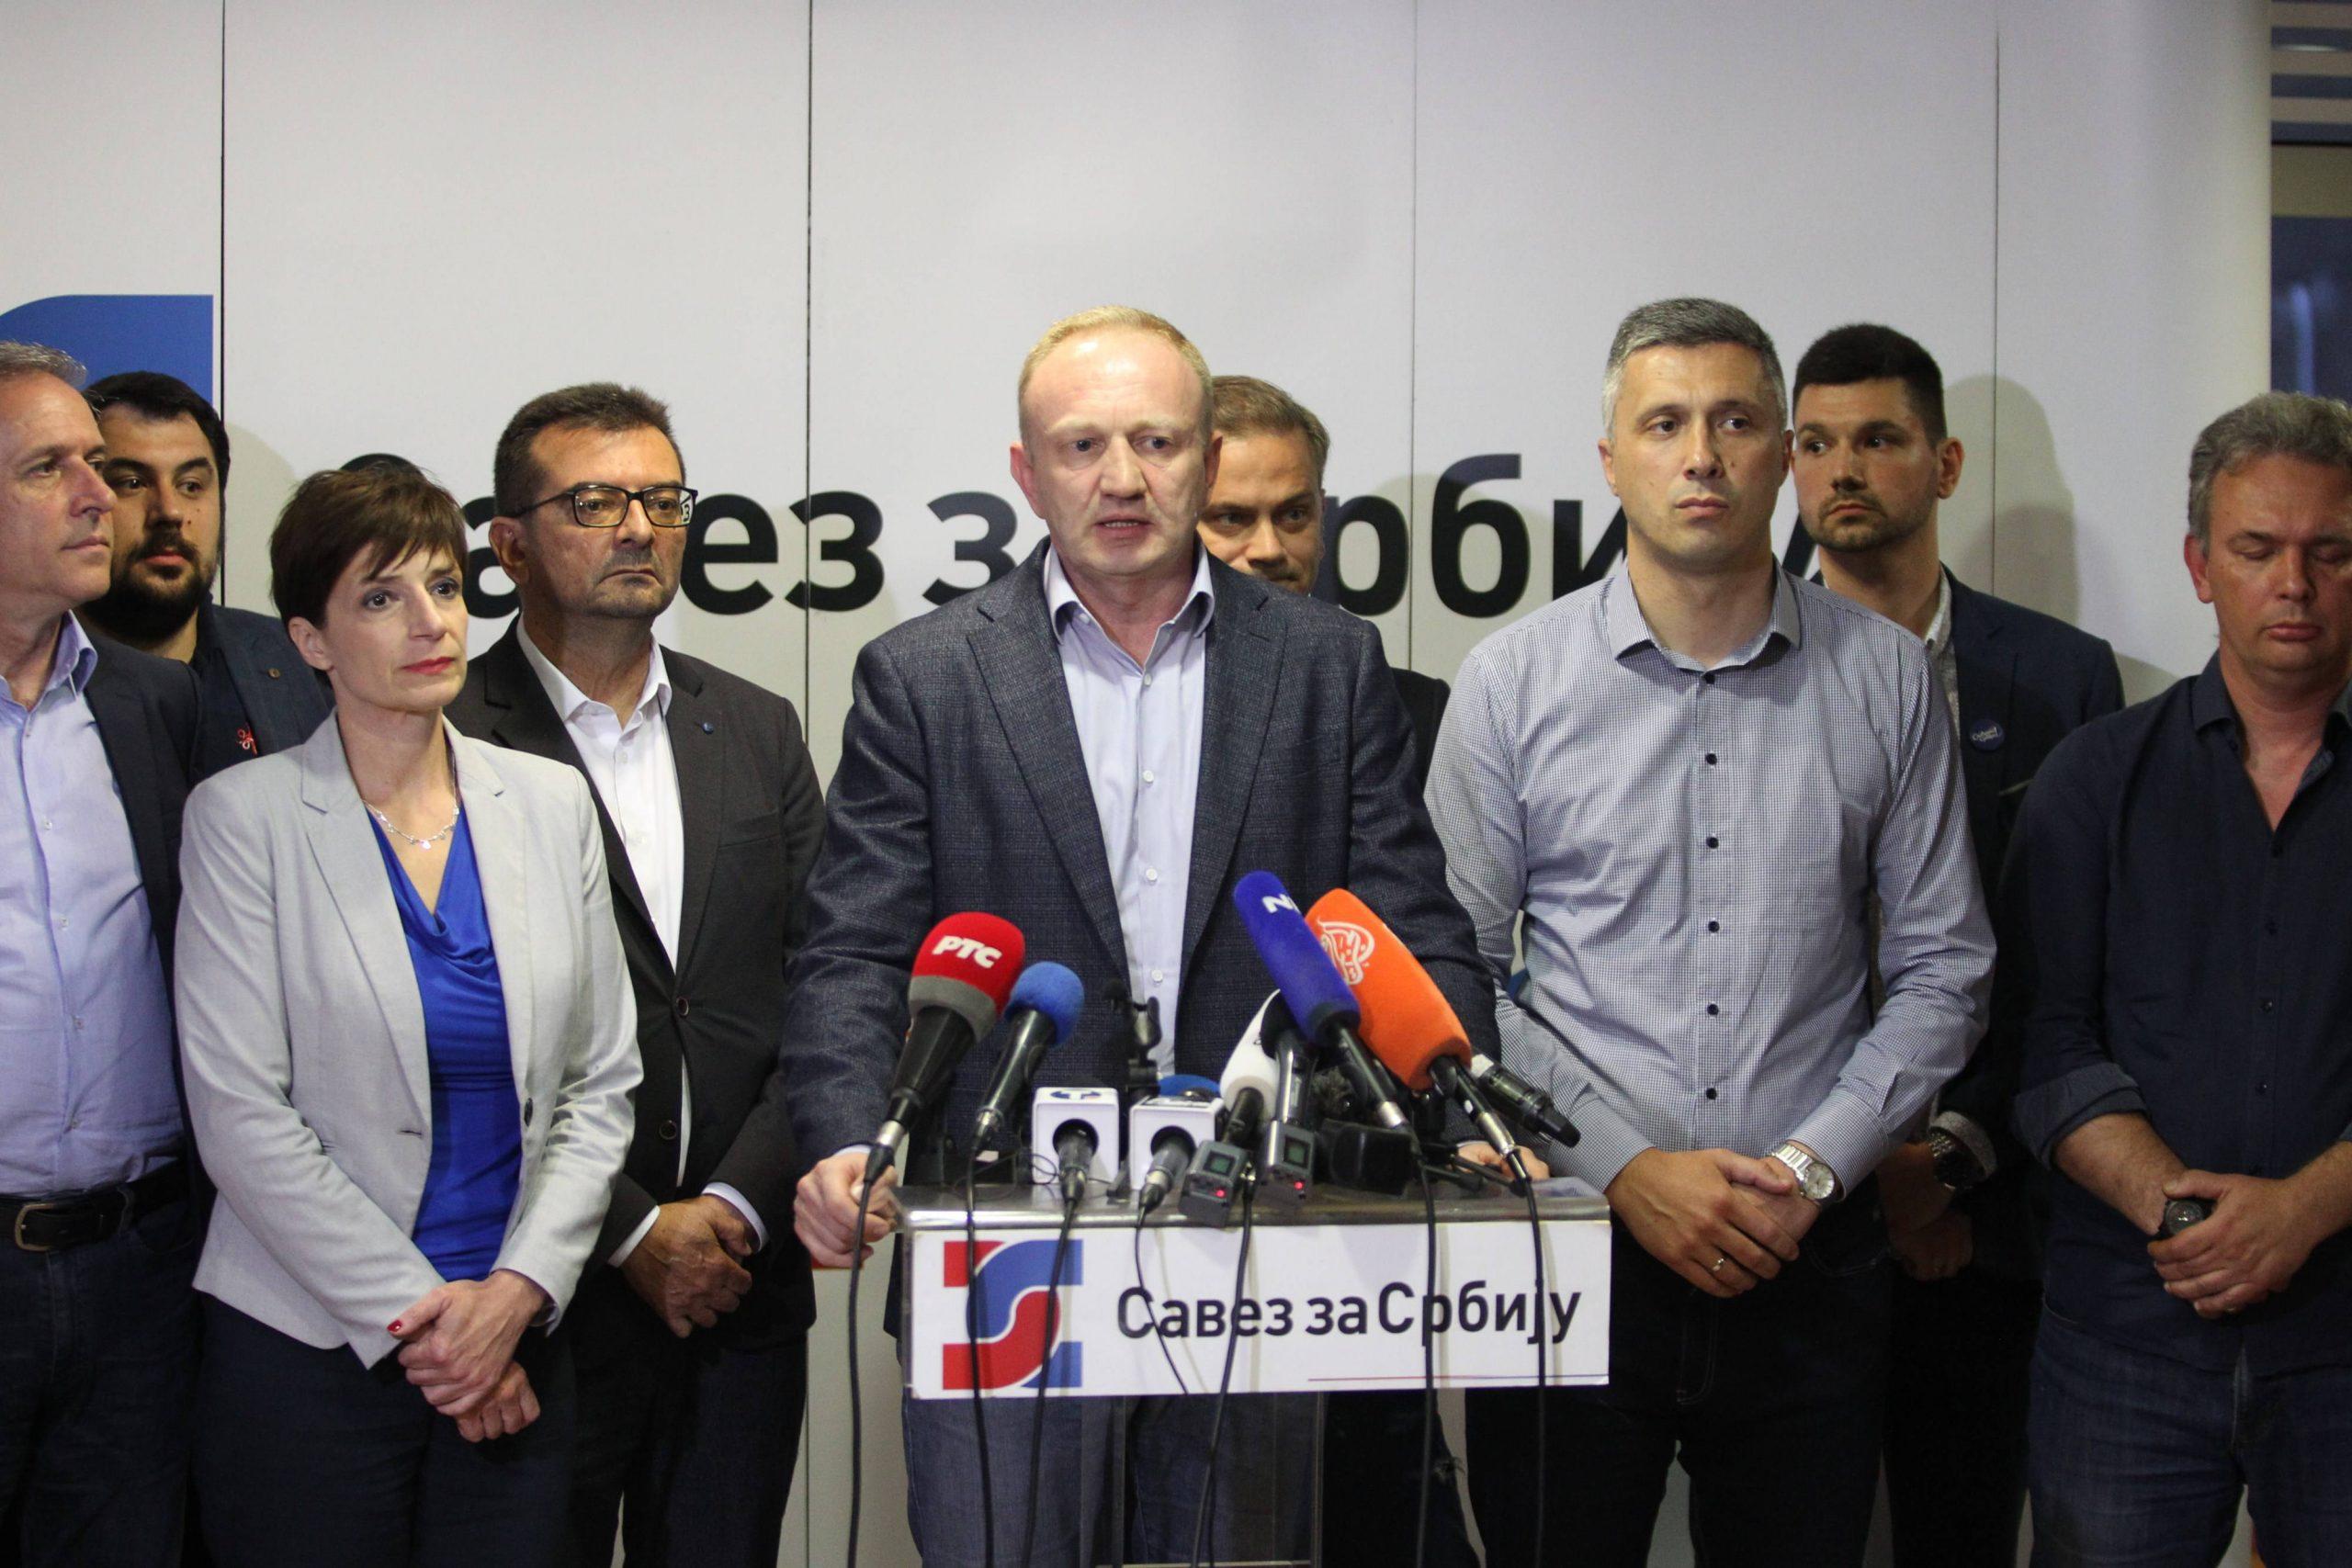 Savez za Srbiju više ne postoji 1